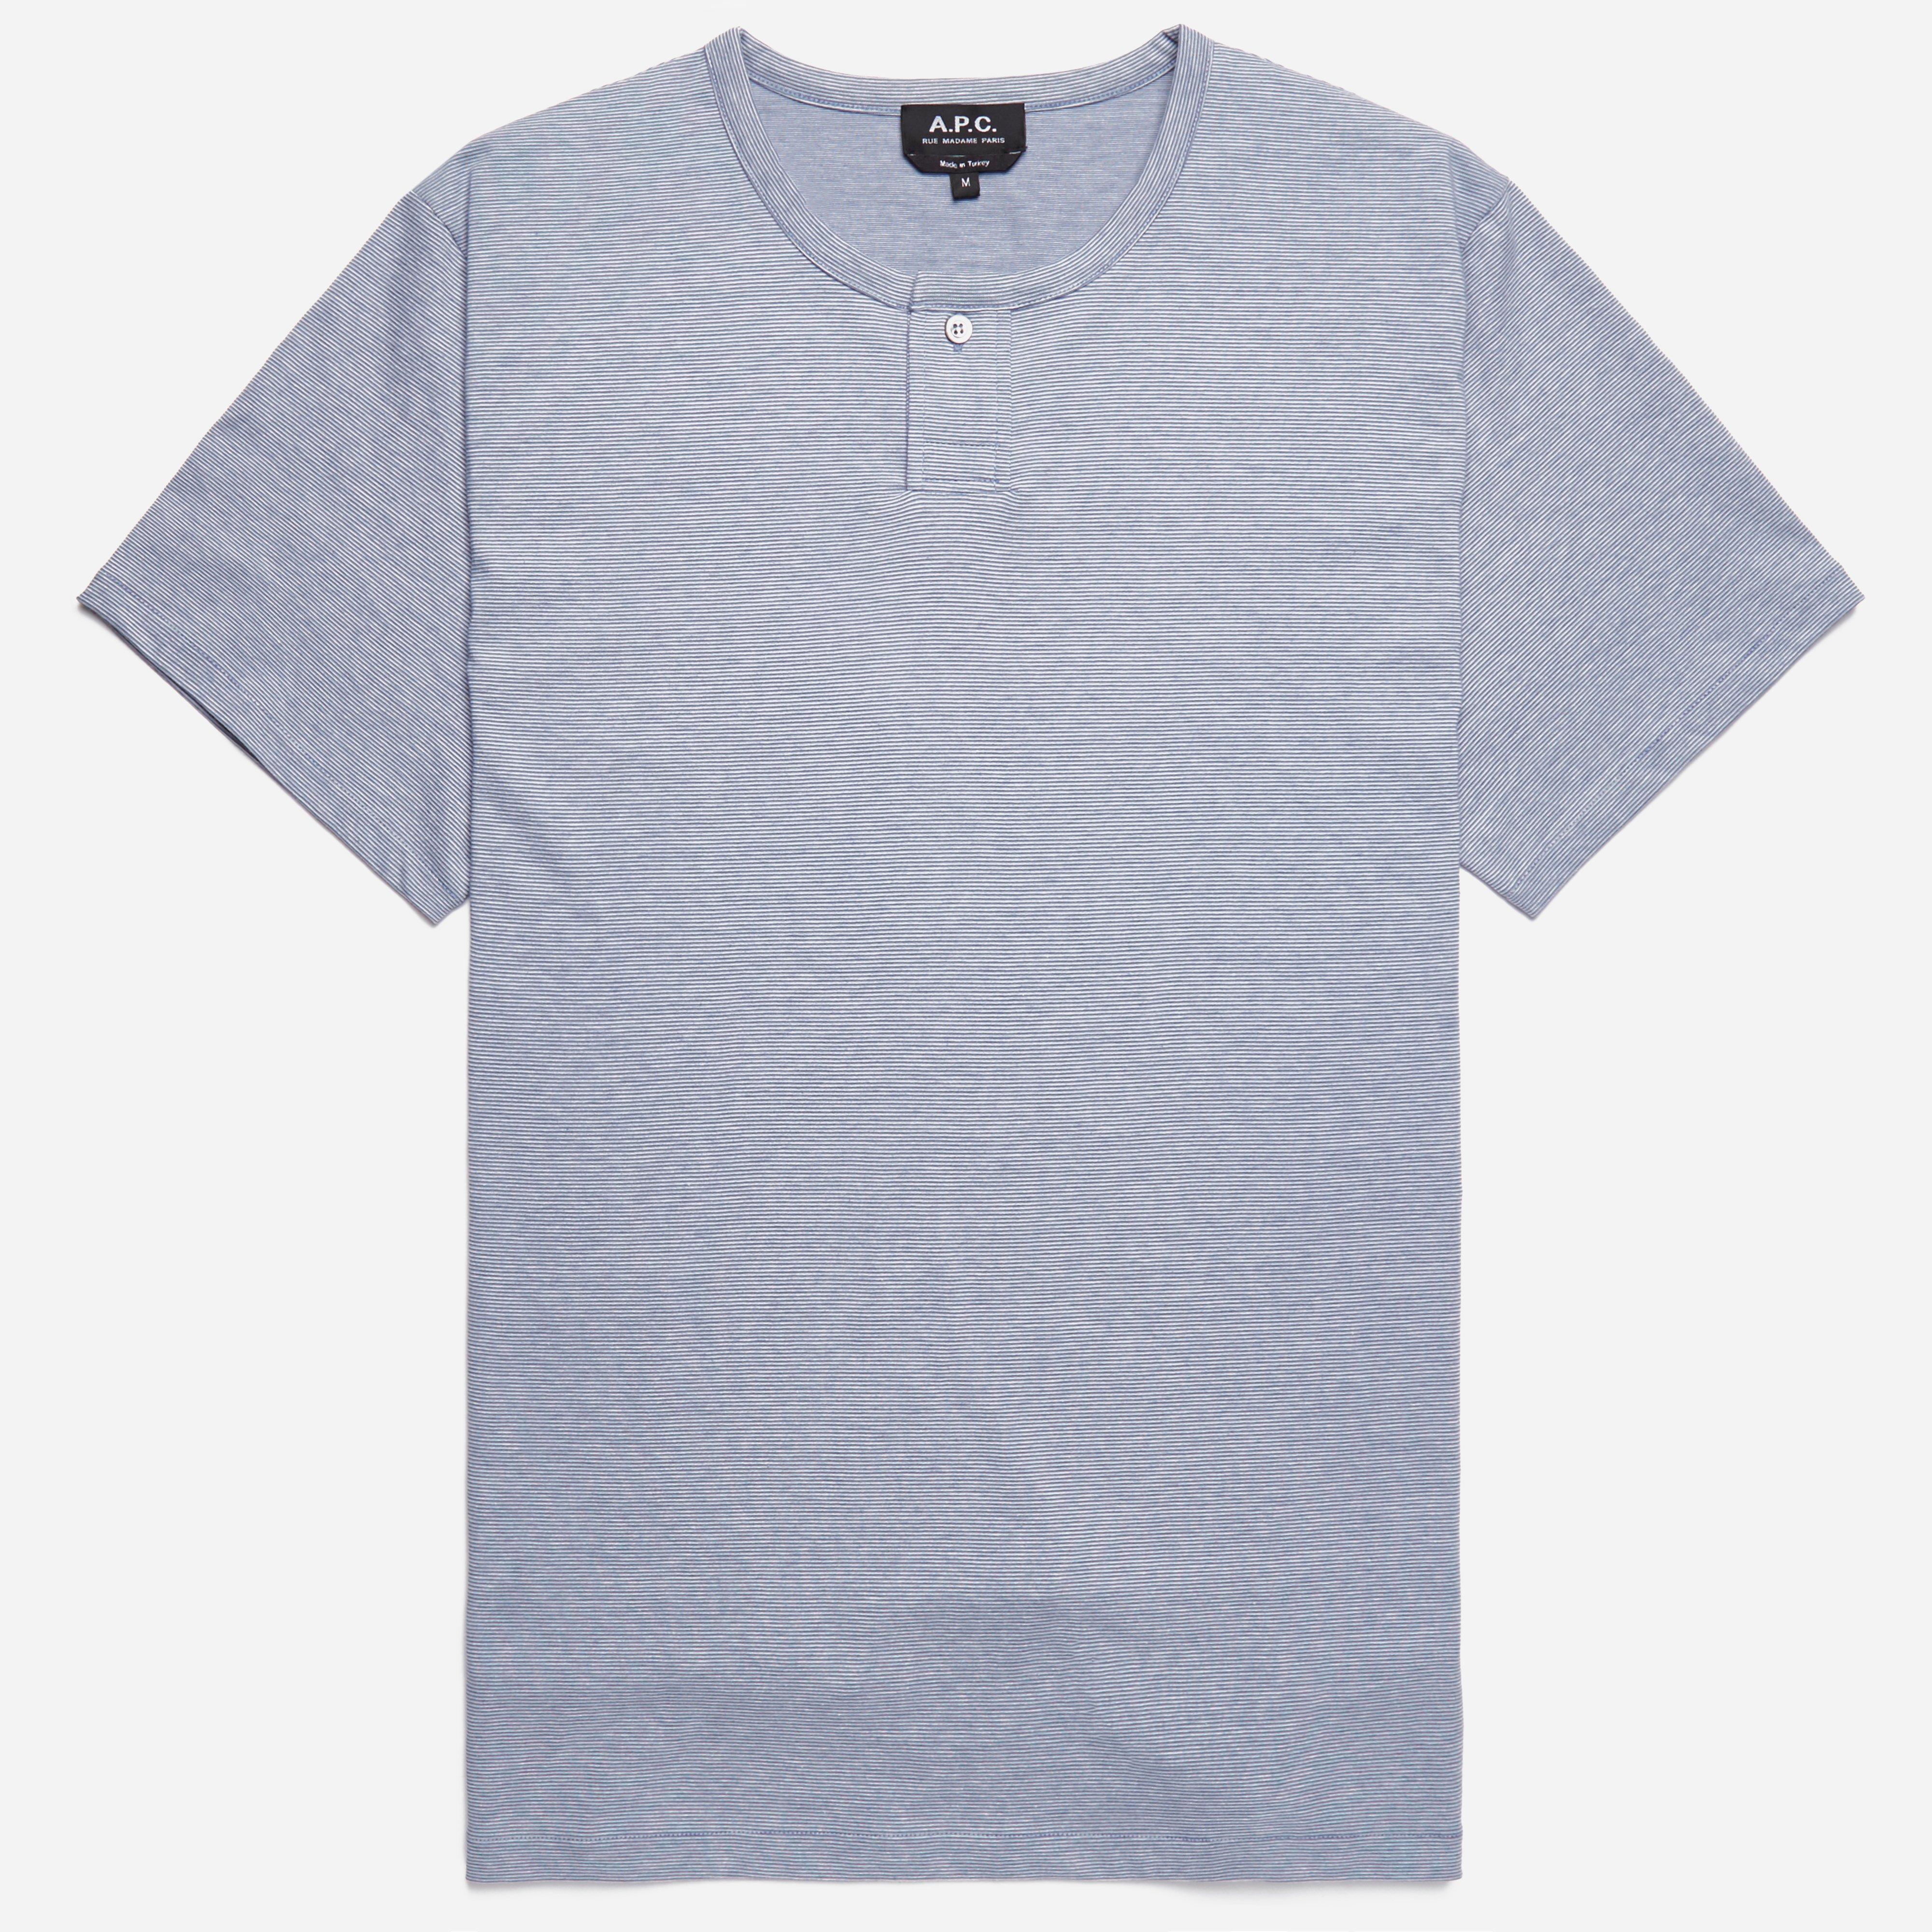 A.P.C Eric T-shirt